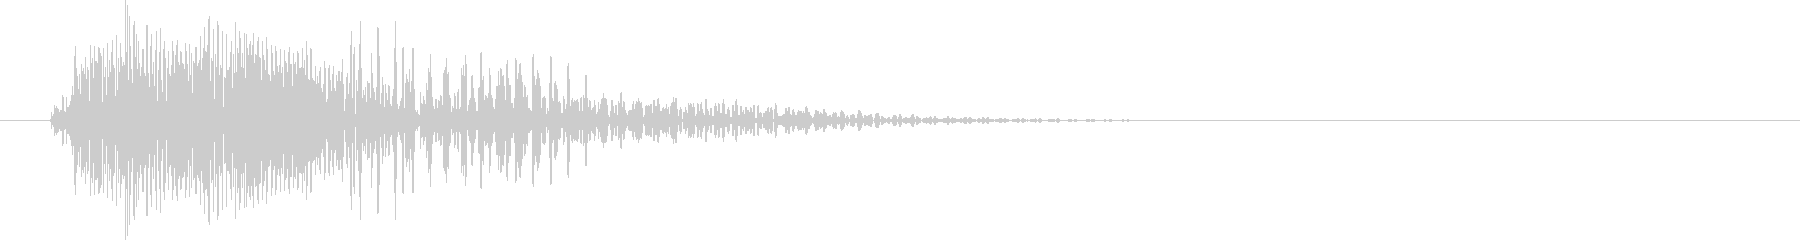 ピコン(カーソル移動音・セレクト・決定)の未再生の波形